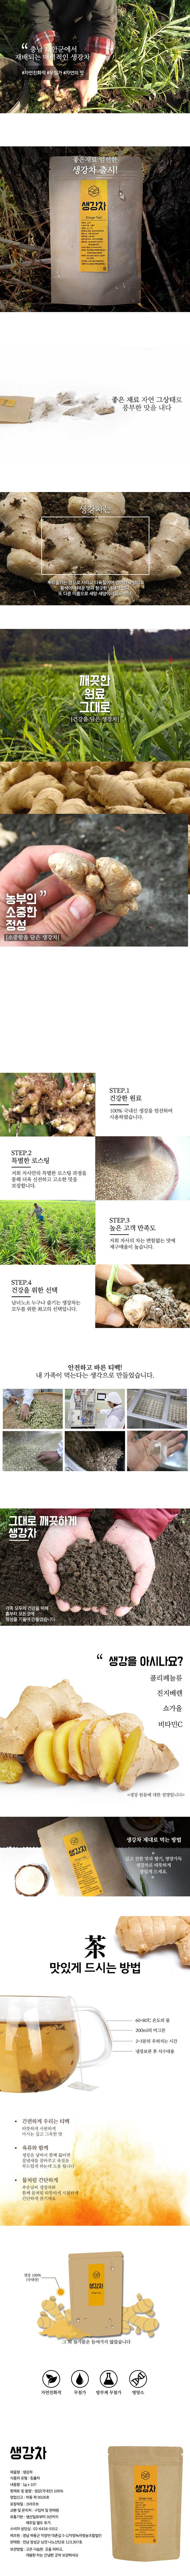 한유 생강차 티백형 - 한국유기농, 2,900원, 차, 우롱차/전통차/한방차